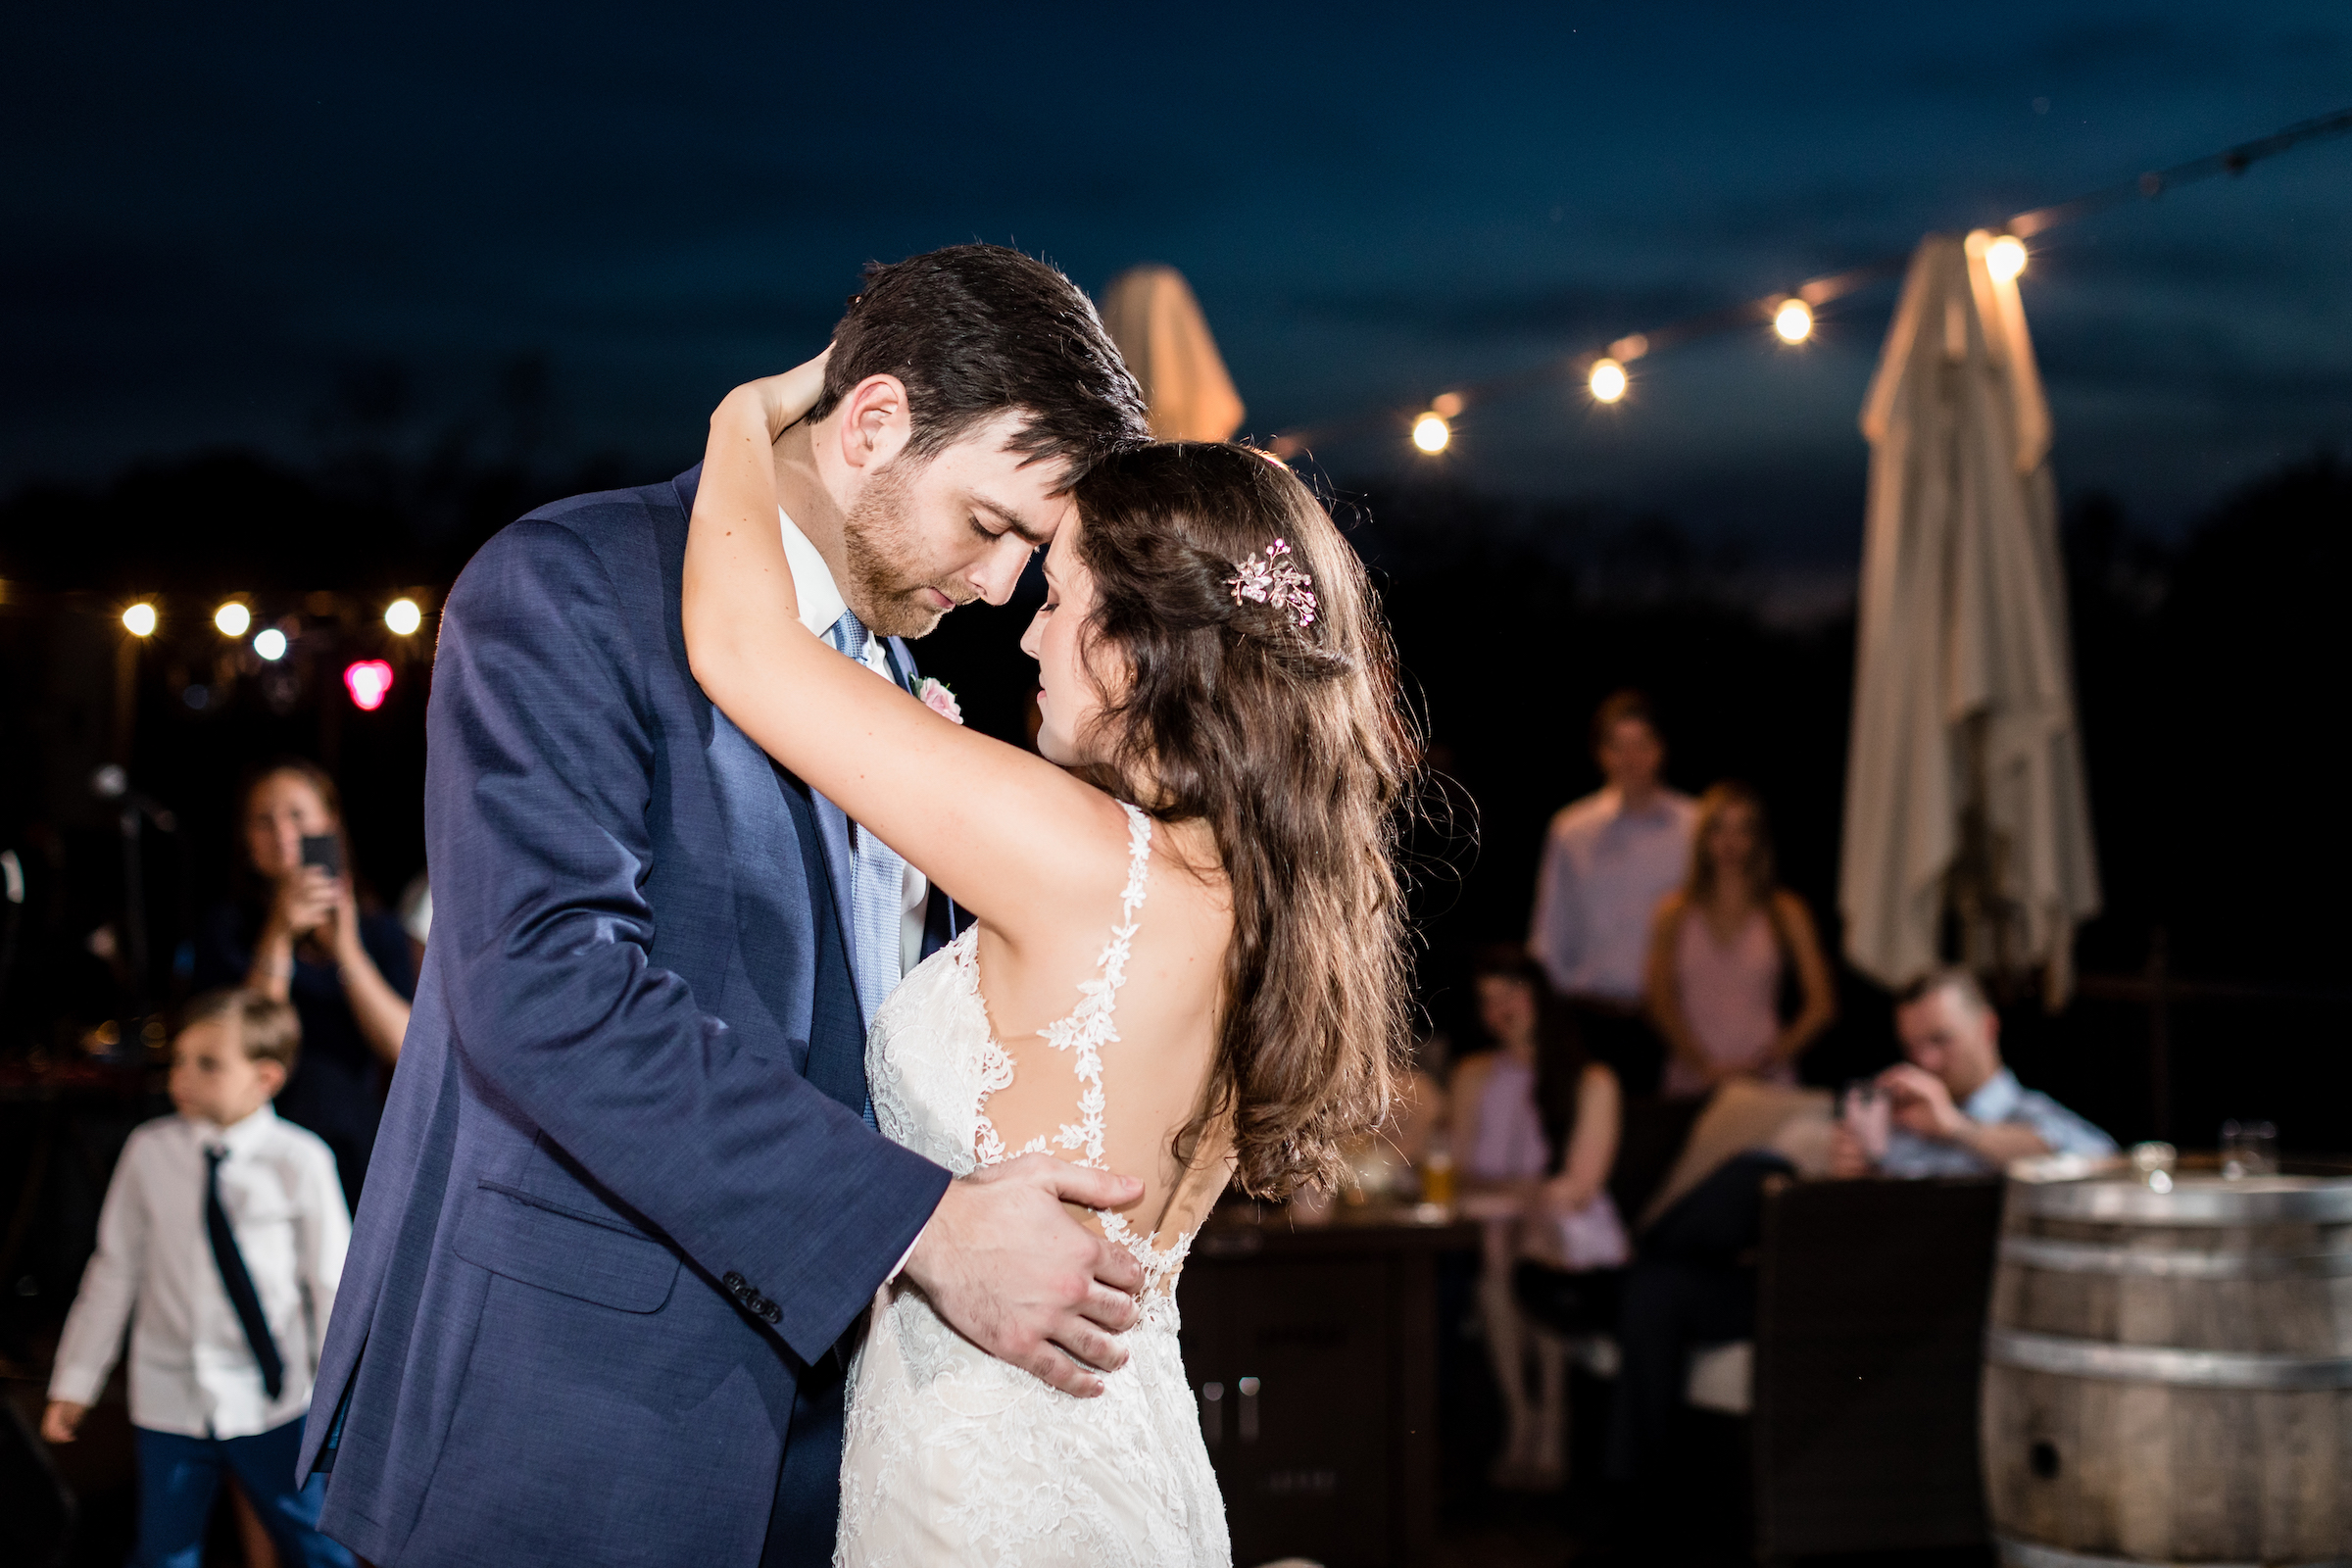 brielle-davis-events-kairos-photography-chandler-hill-wedding-dancing-627.jpg